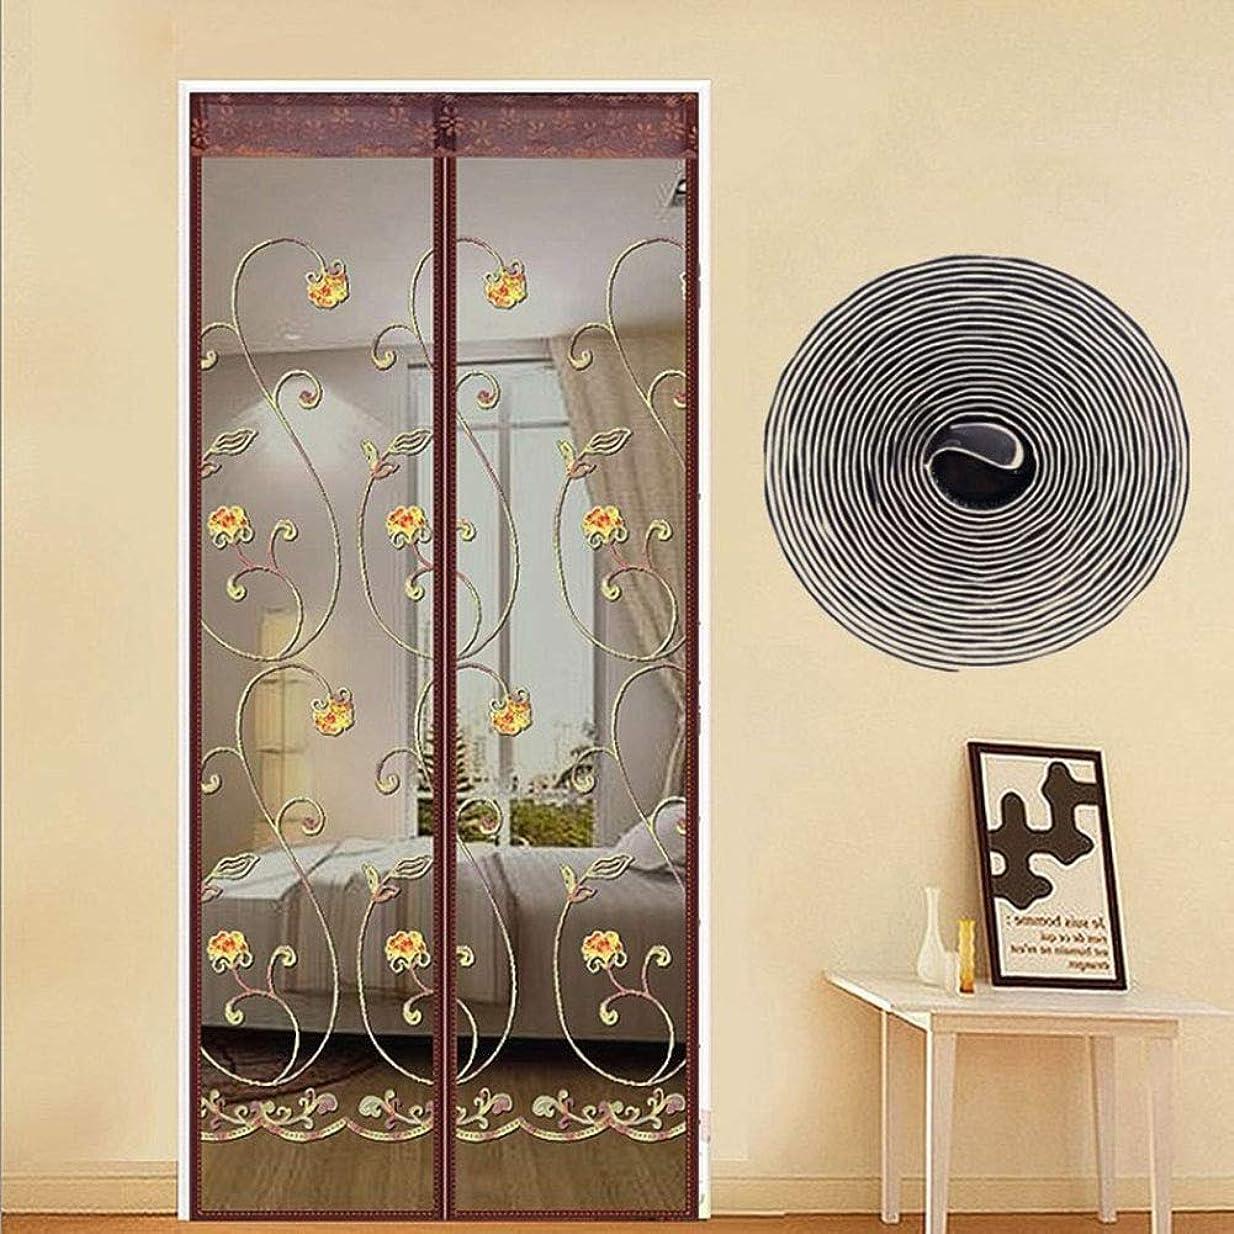 後ろ、背後、背面(部歌手に応じて磁気フライ昆虫スクリーンドアサイレント磁気スクリーンドアは、カーテンリビングルームの子供部屋に適した超微細メッシュの蚊帳を自動的に閉じます